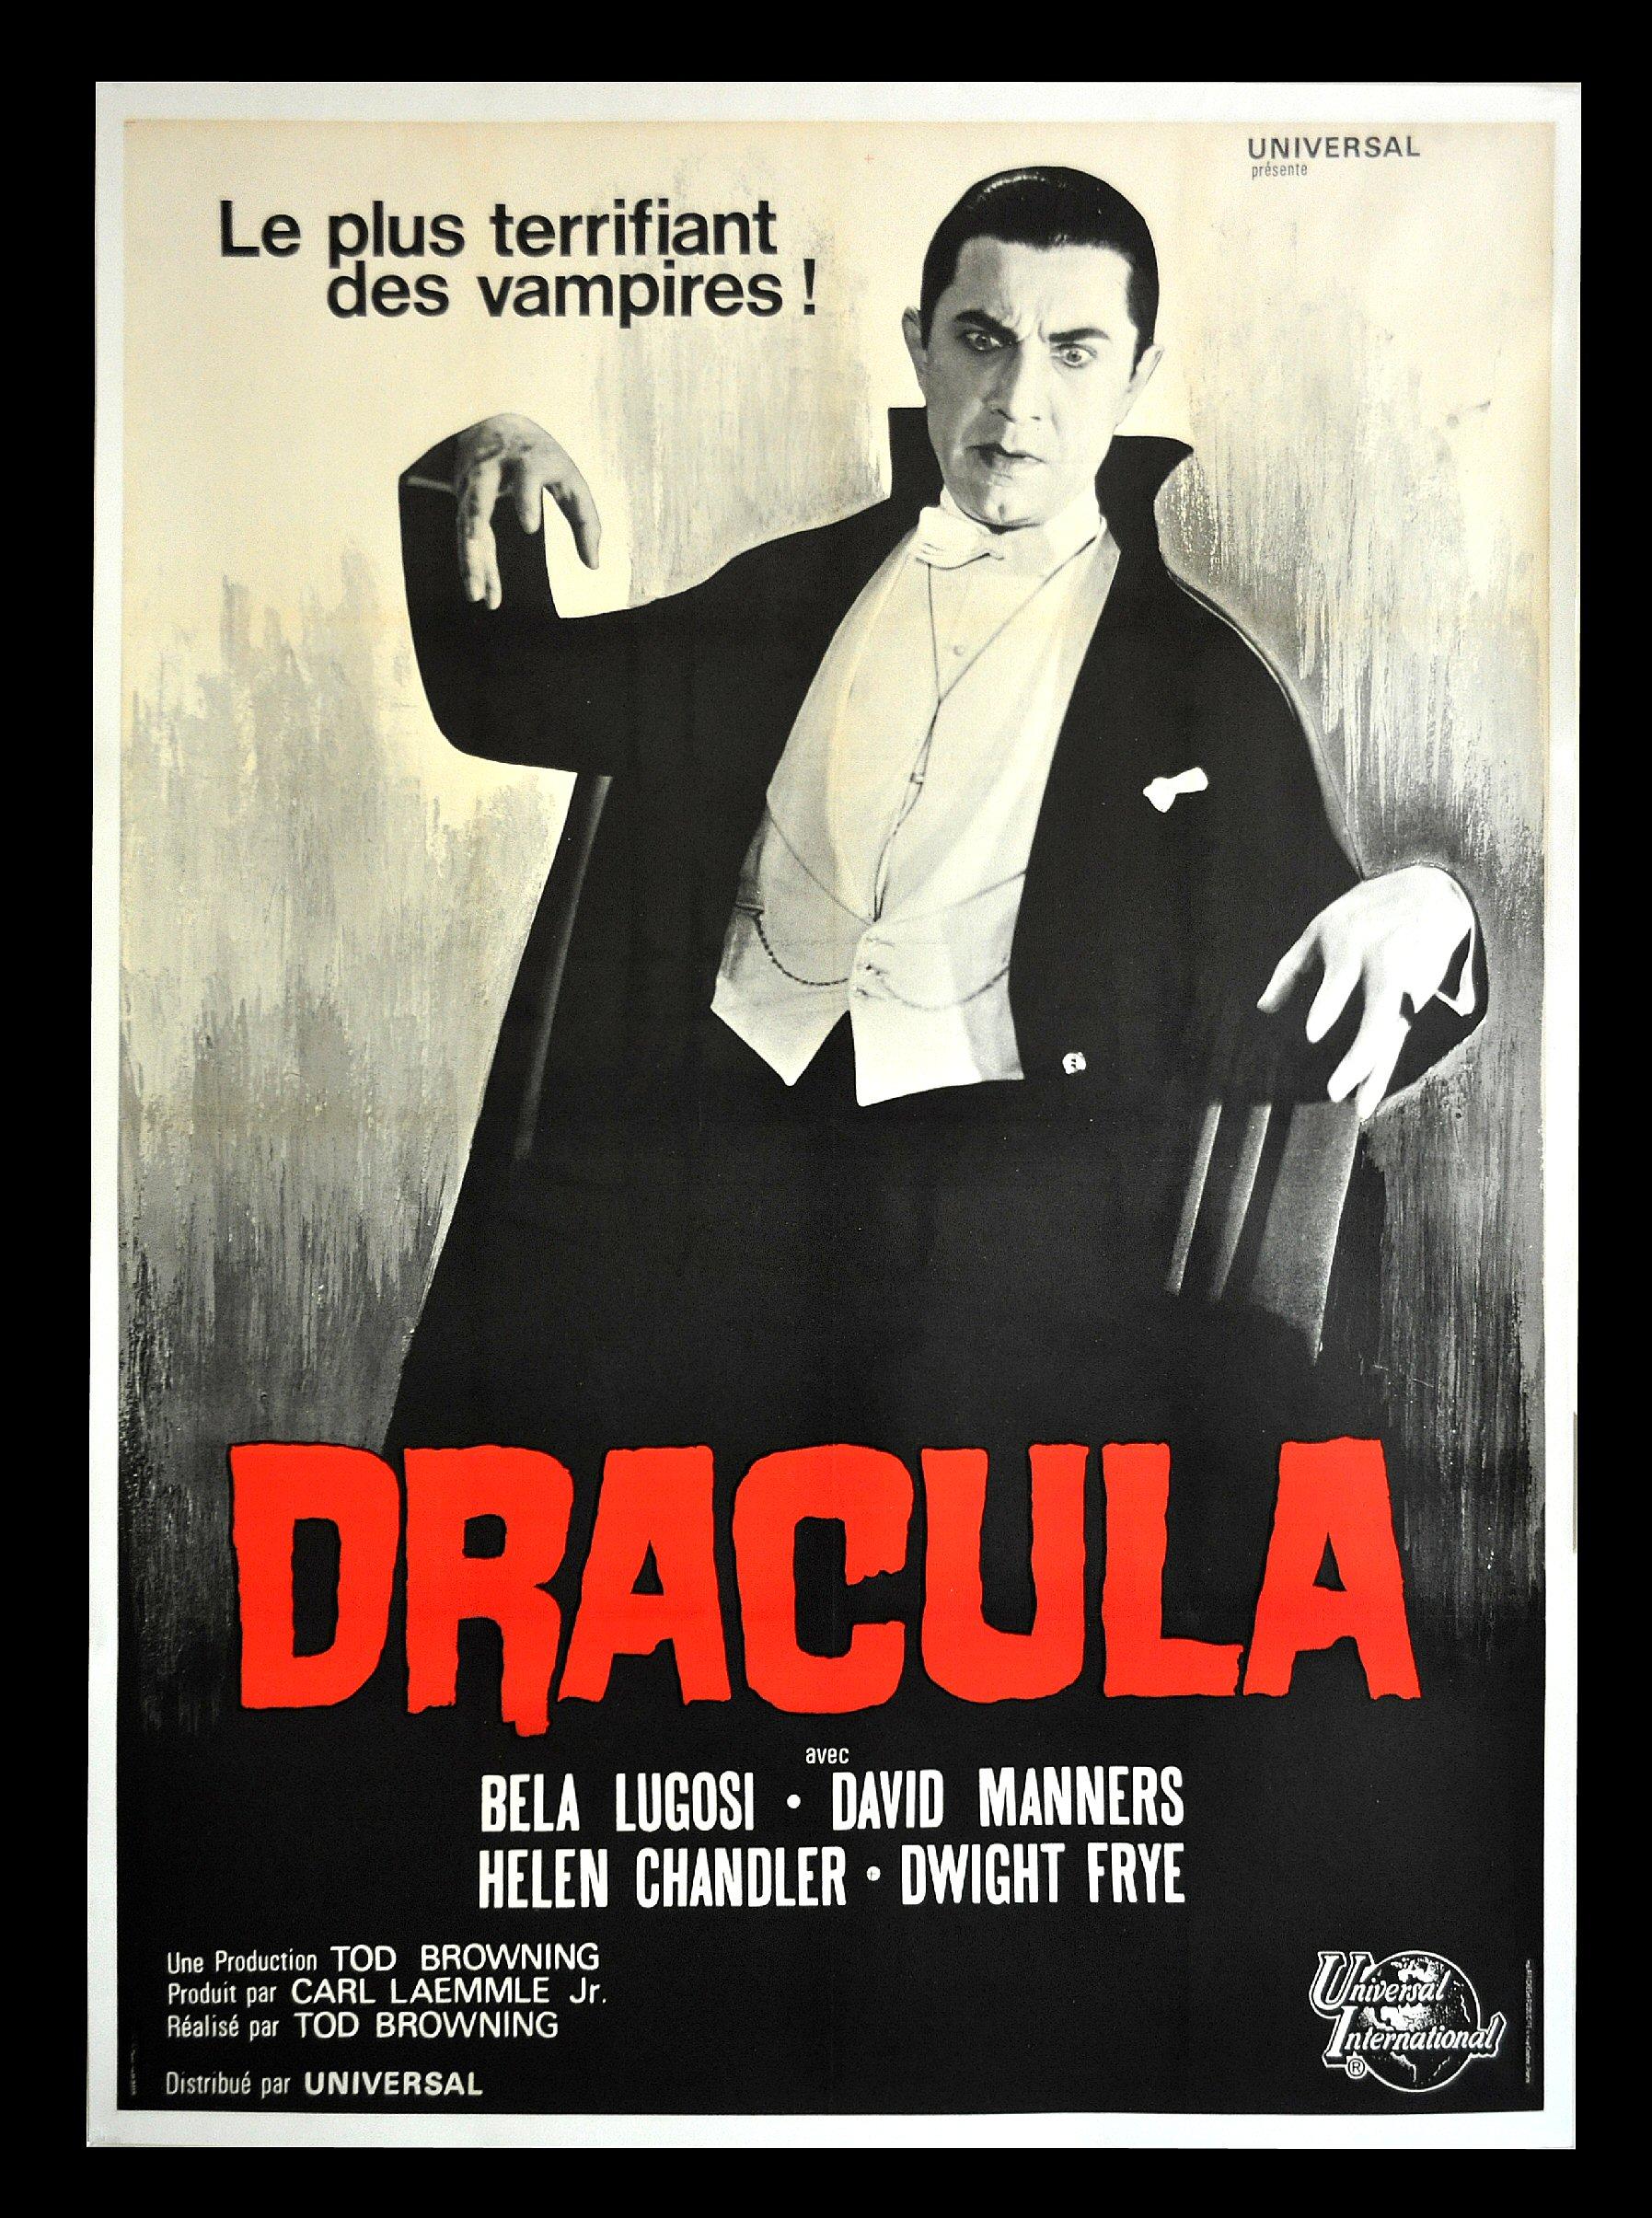 Les plus belles affiches de cinéma - Page 3 Dracnov12